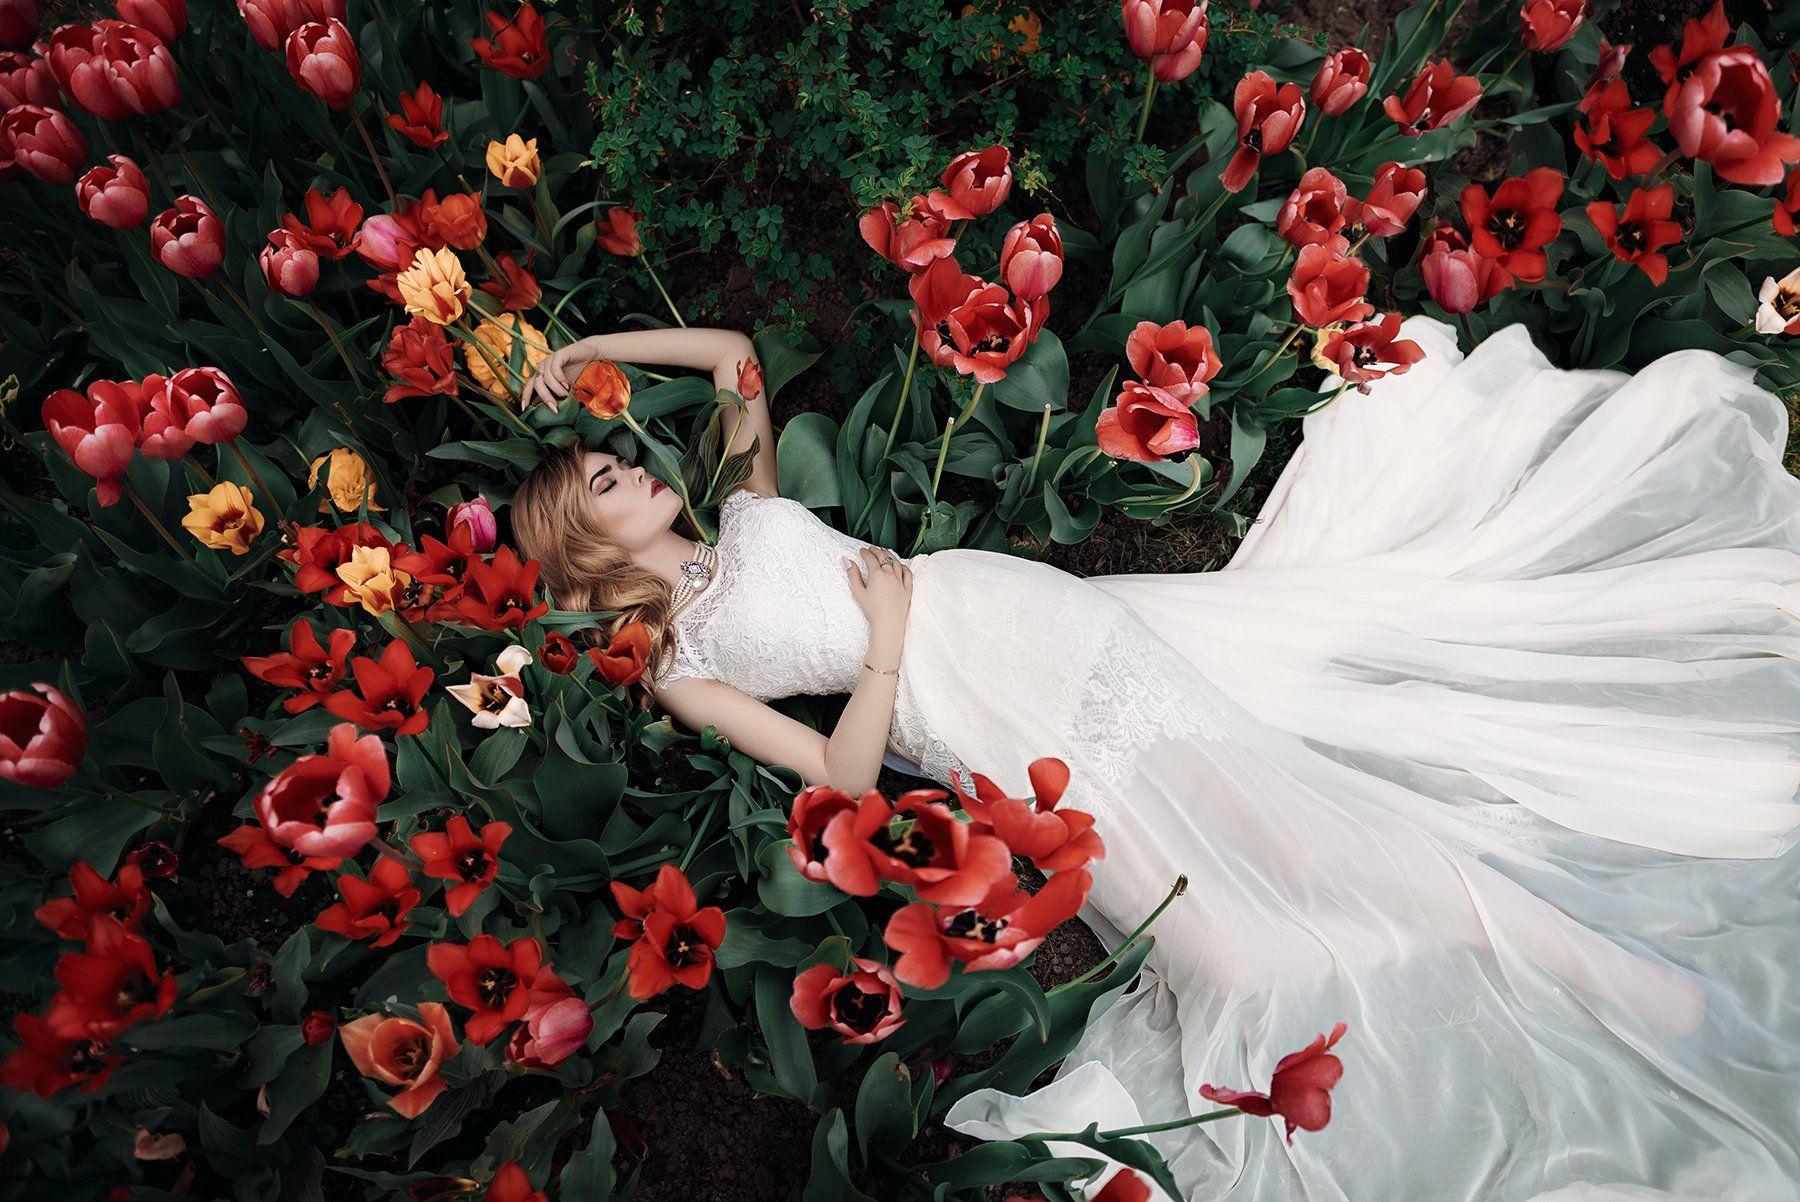 Nikon, D750, 24-70, платье, тюльпаны, портрет, девушка, Новицкий Илья